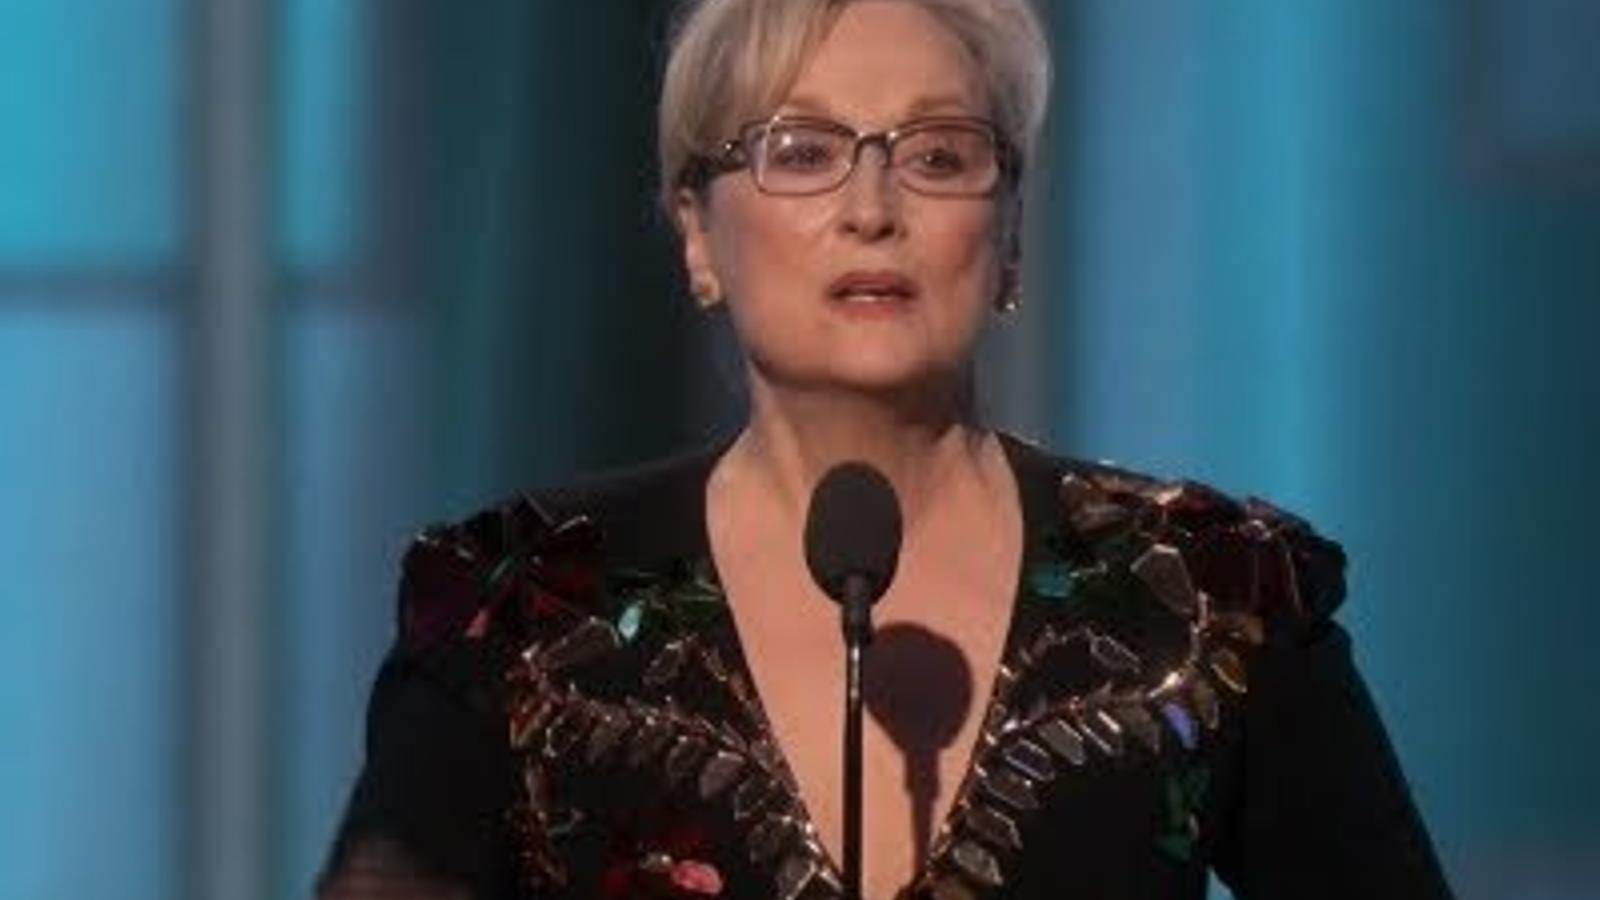 Fragment del discurs de Meryl Streep als Globus d'Or